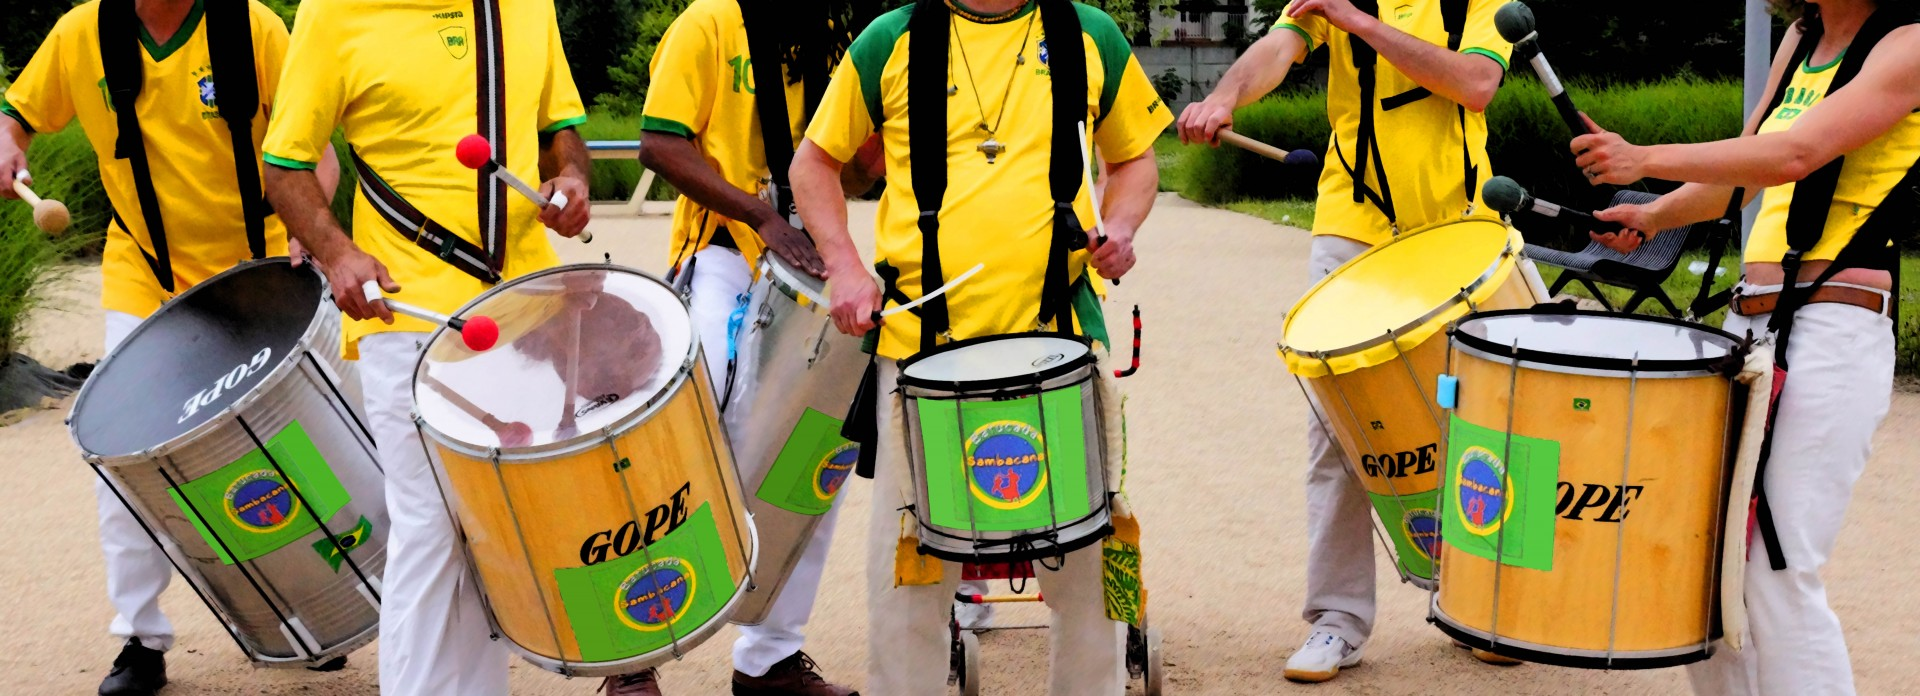 sambacana-batucada-185656